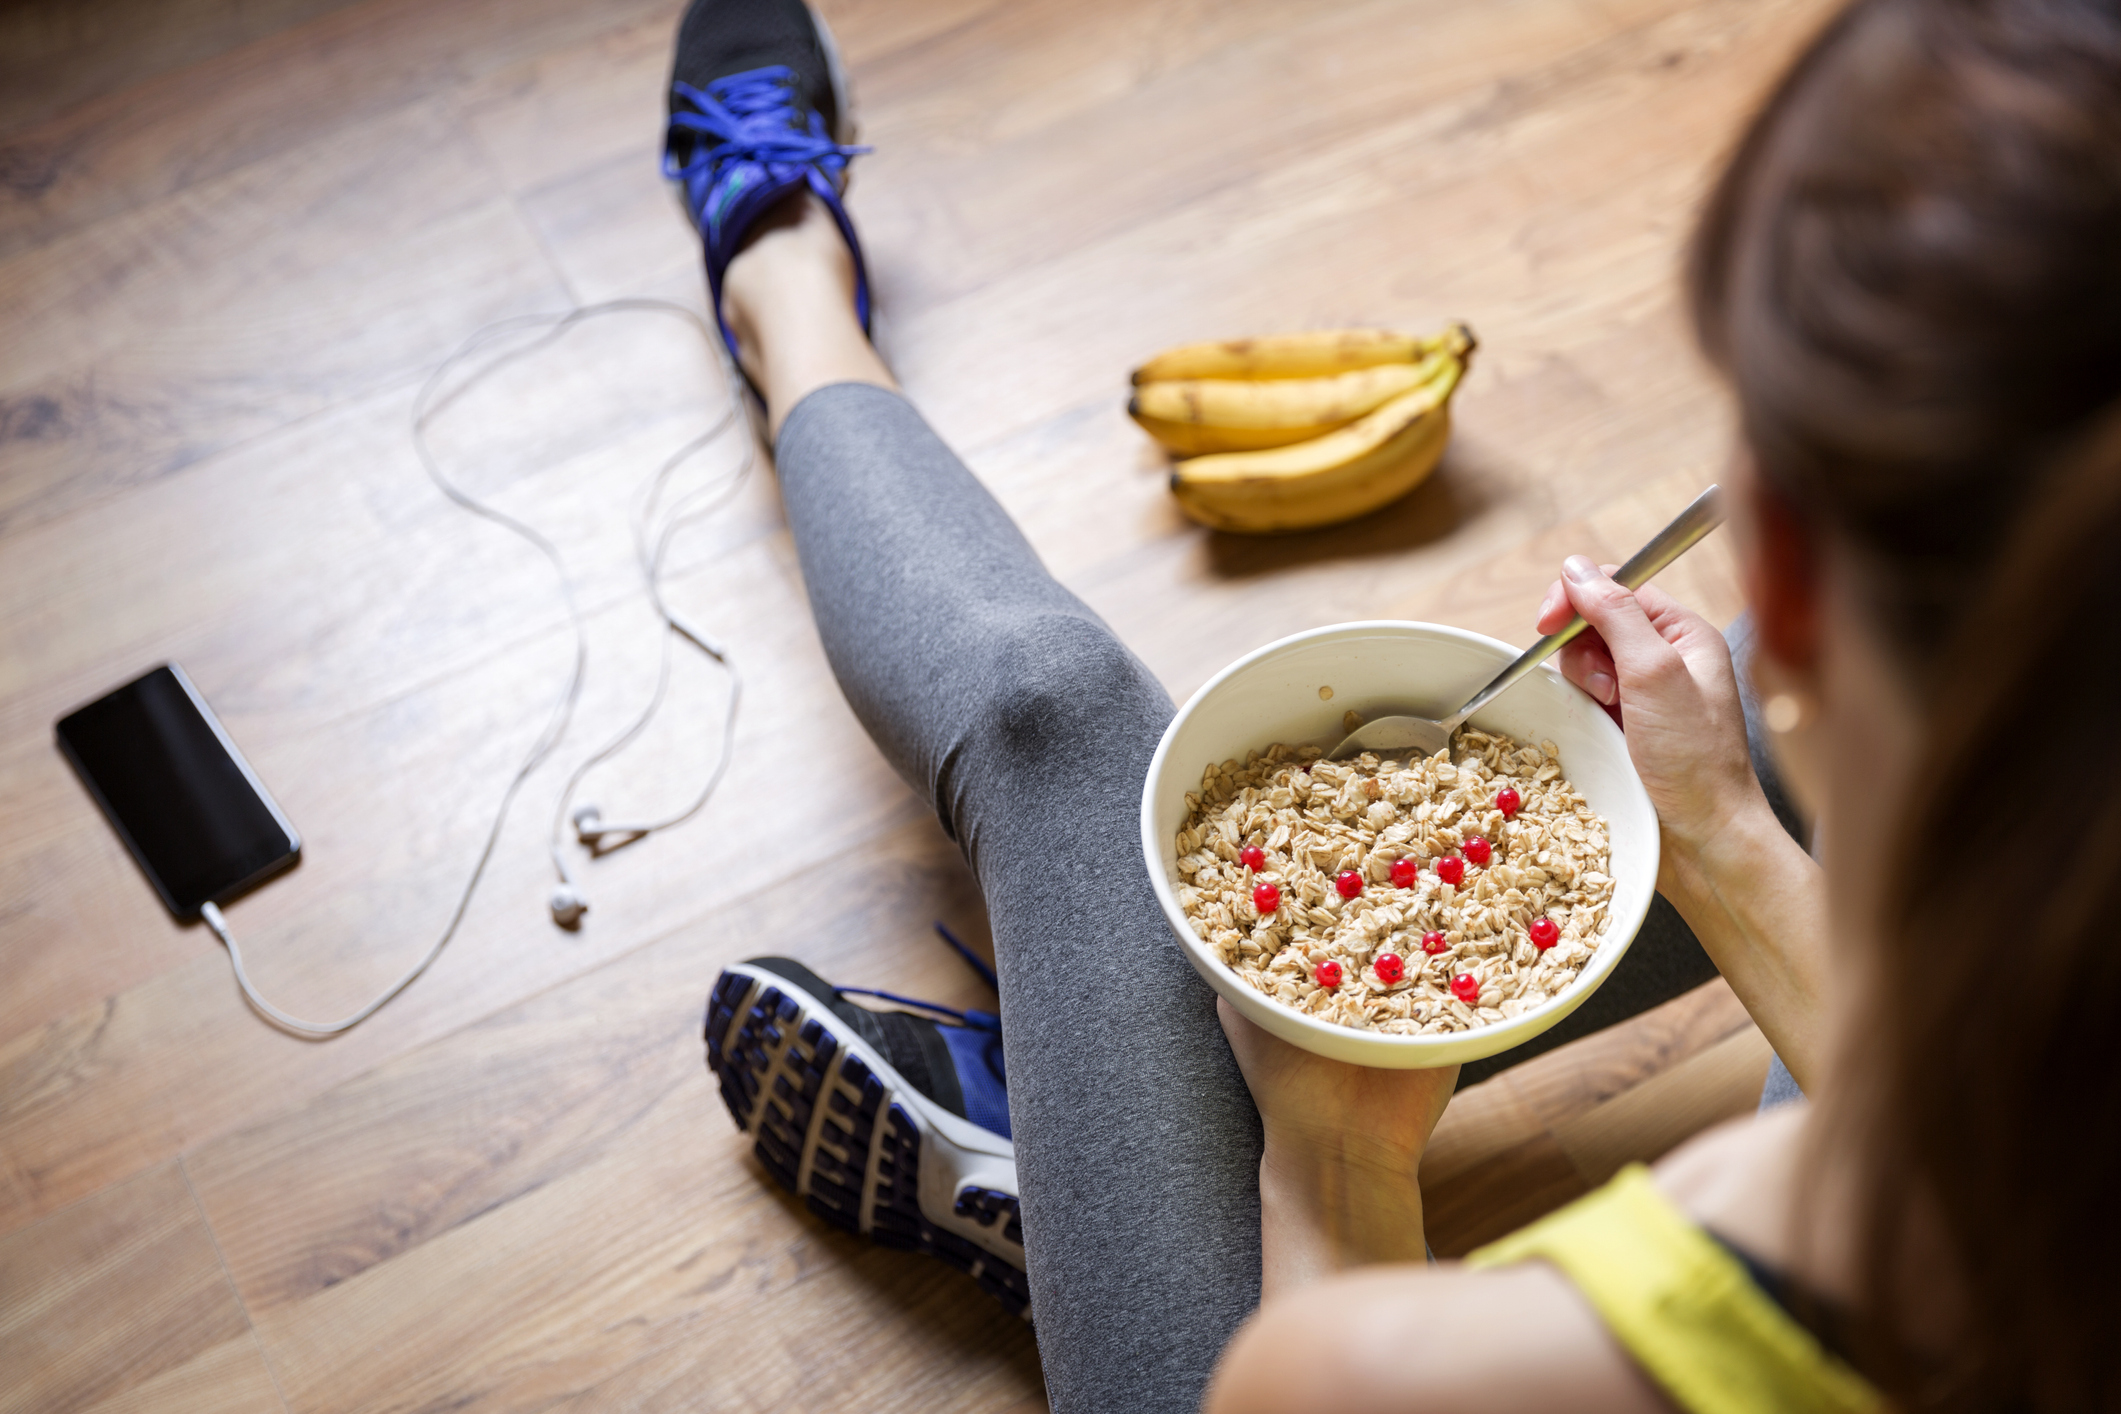 Hoje, é possível se alimentar bem gastando pouco. Um exemplo disso é a utilização de aveia na dieta, em receitas ou in natura.